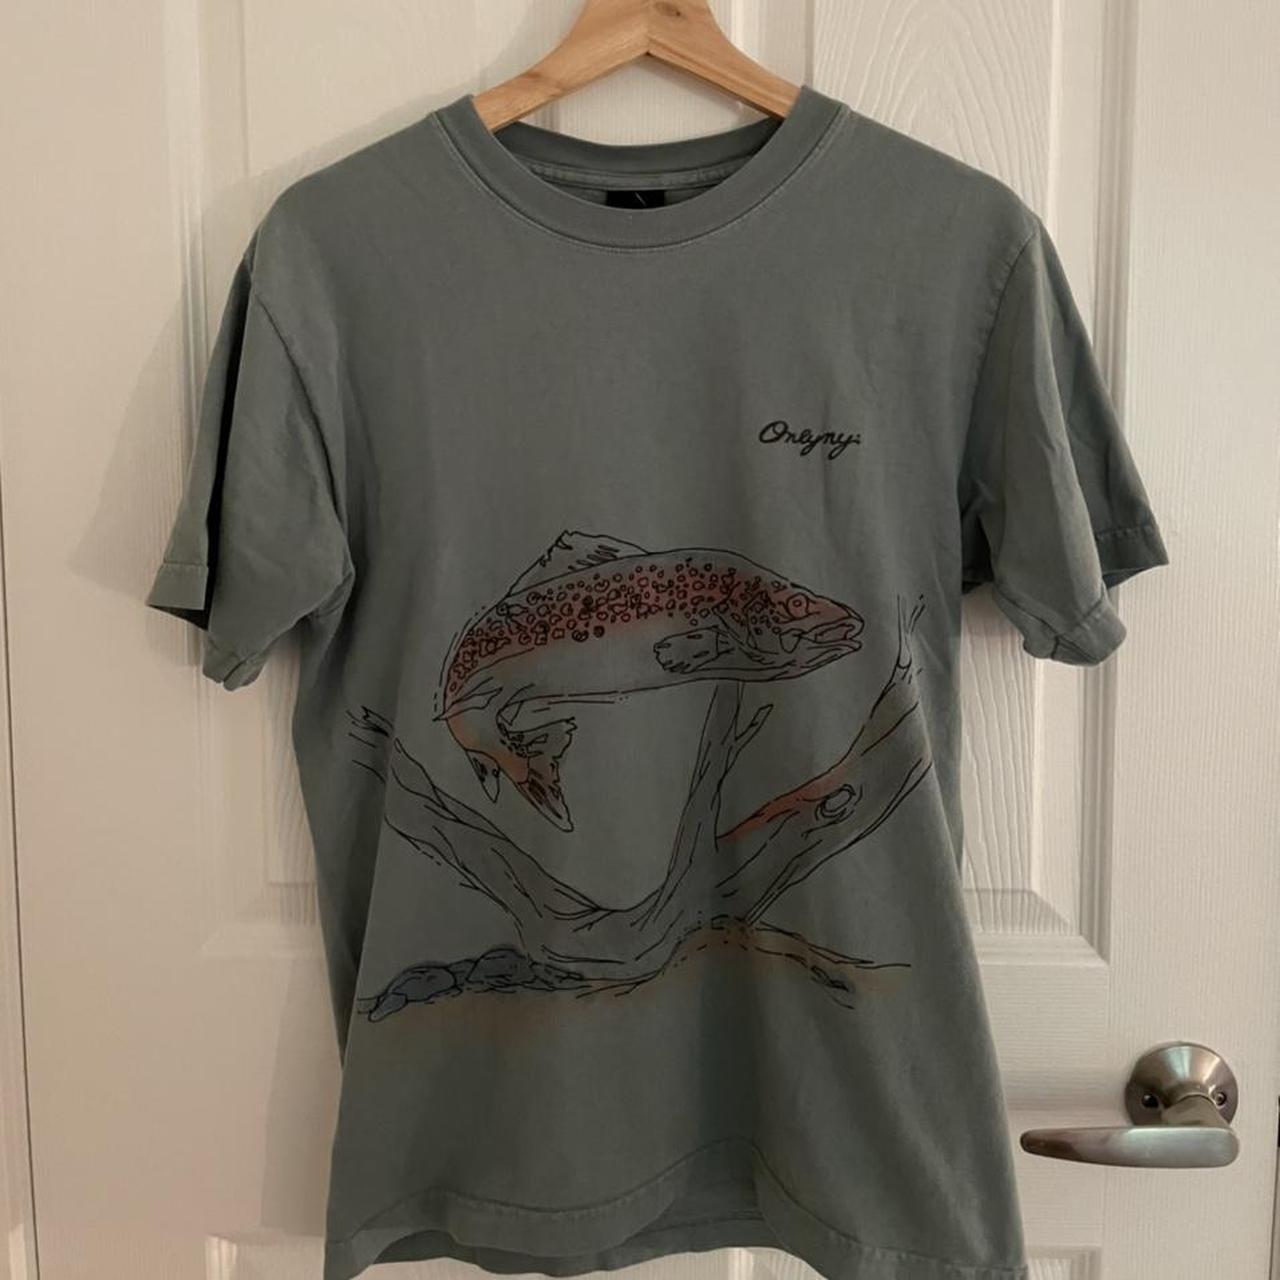 Product Image 1 - Only NY fishing shirt, like